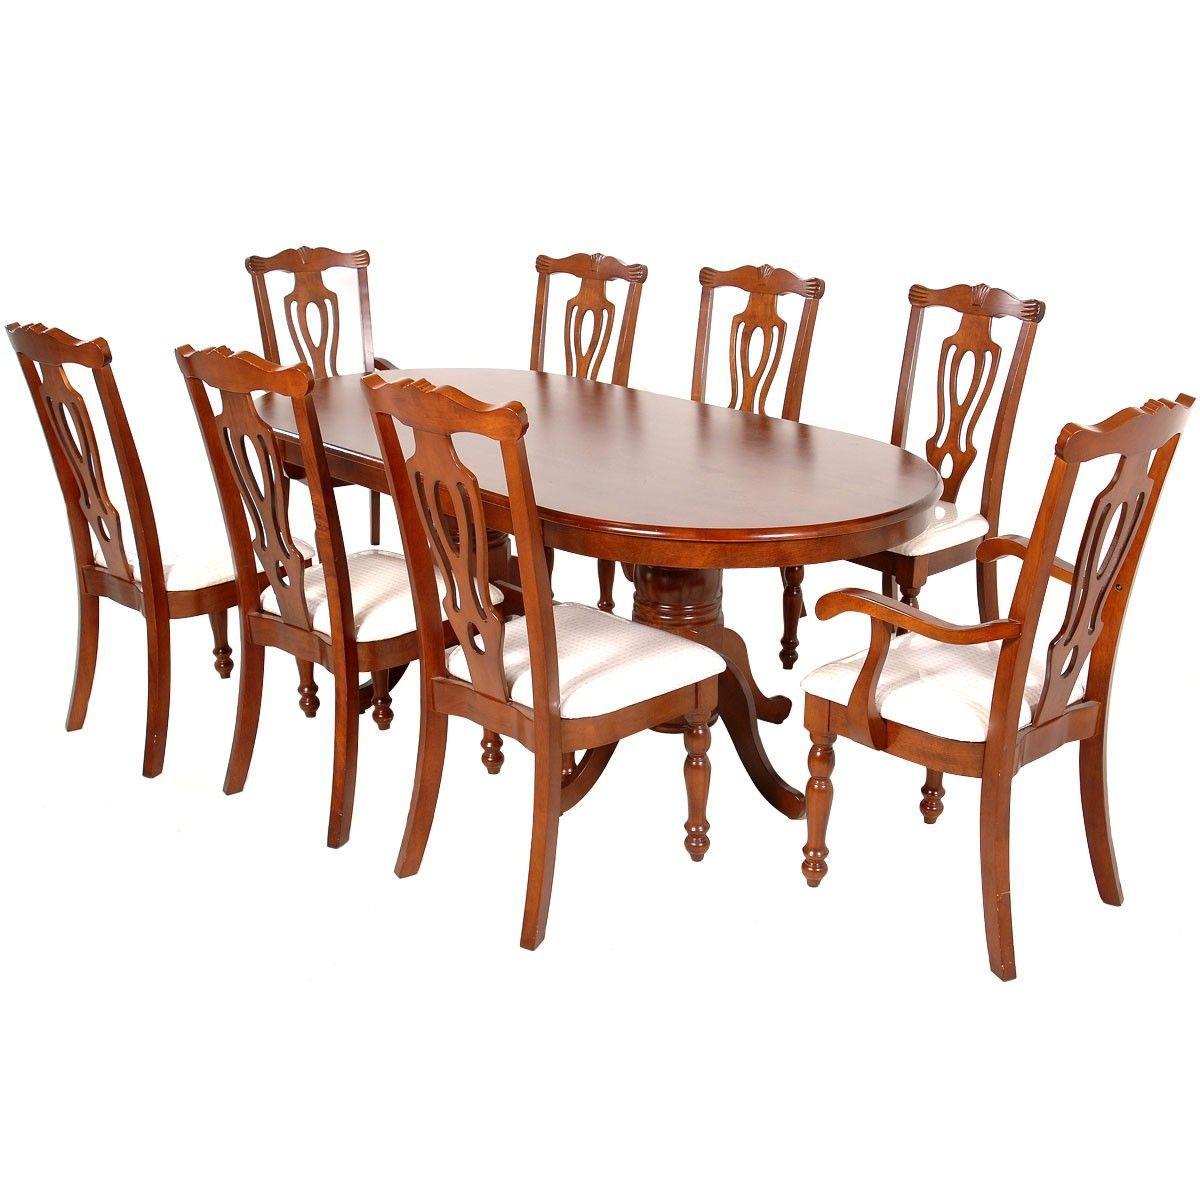 Commodity juego de comedor zoysia 8 sillas sillas for Sillas de colores para comedor